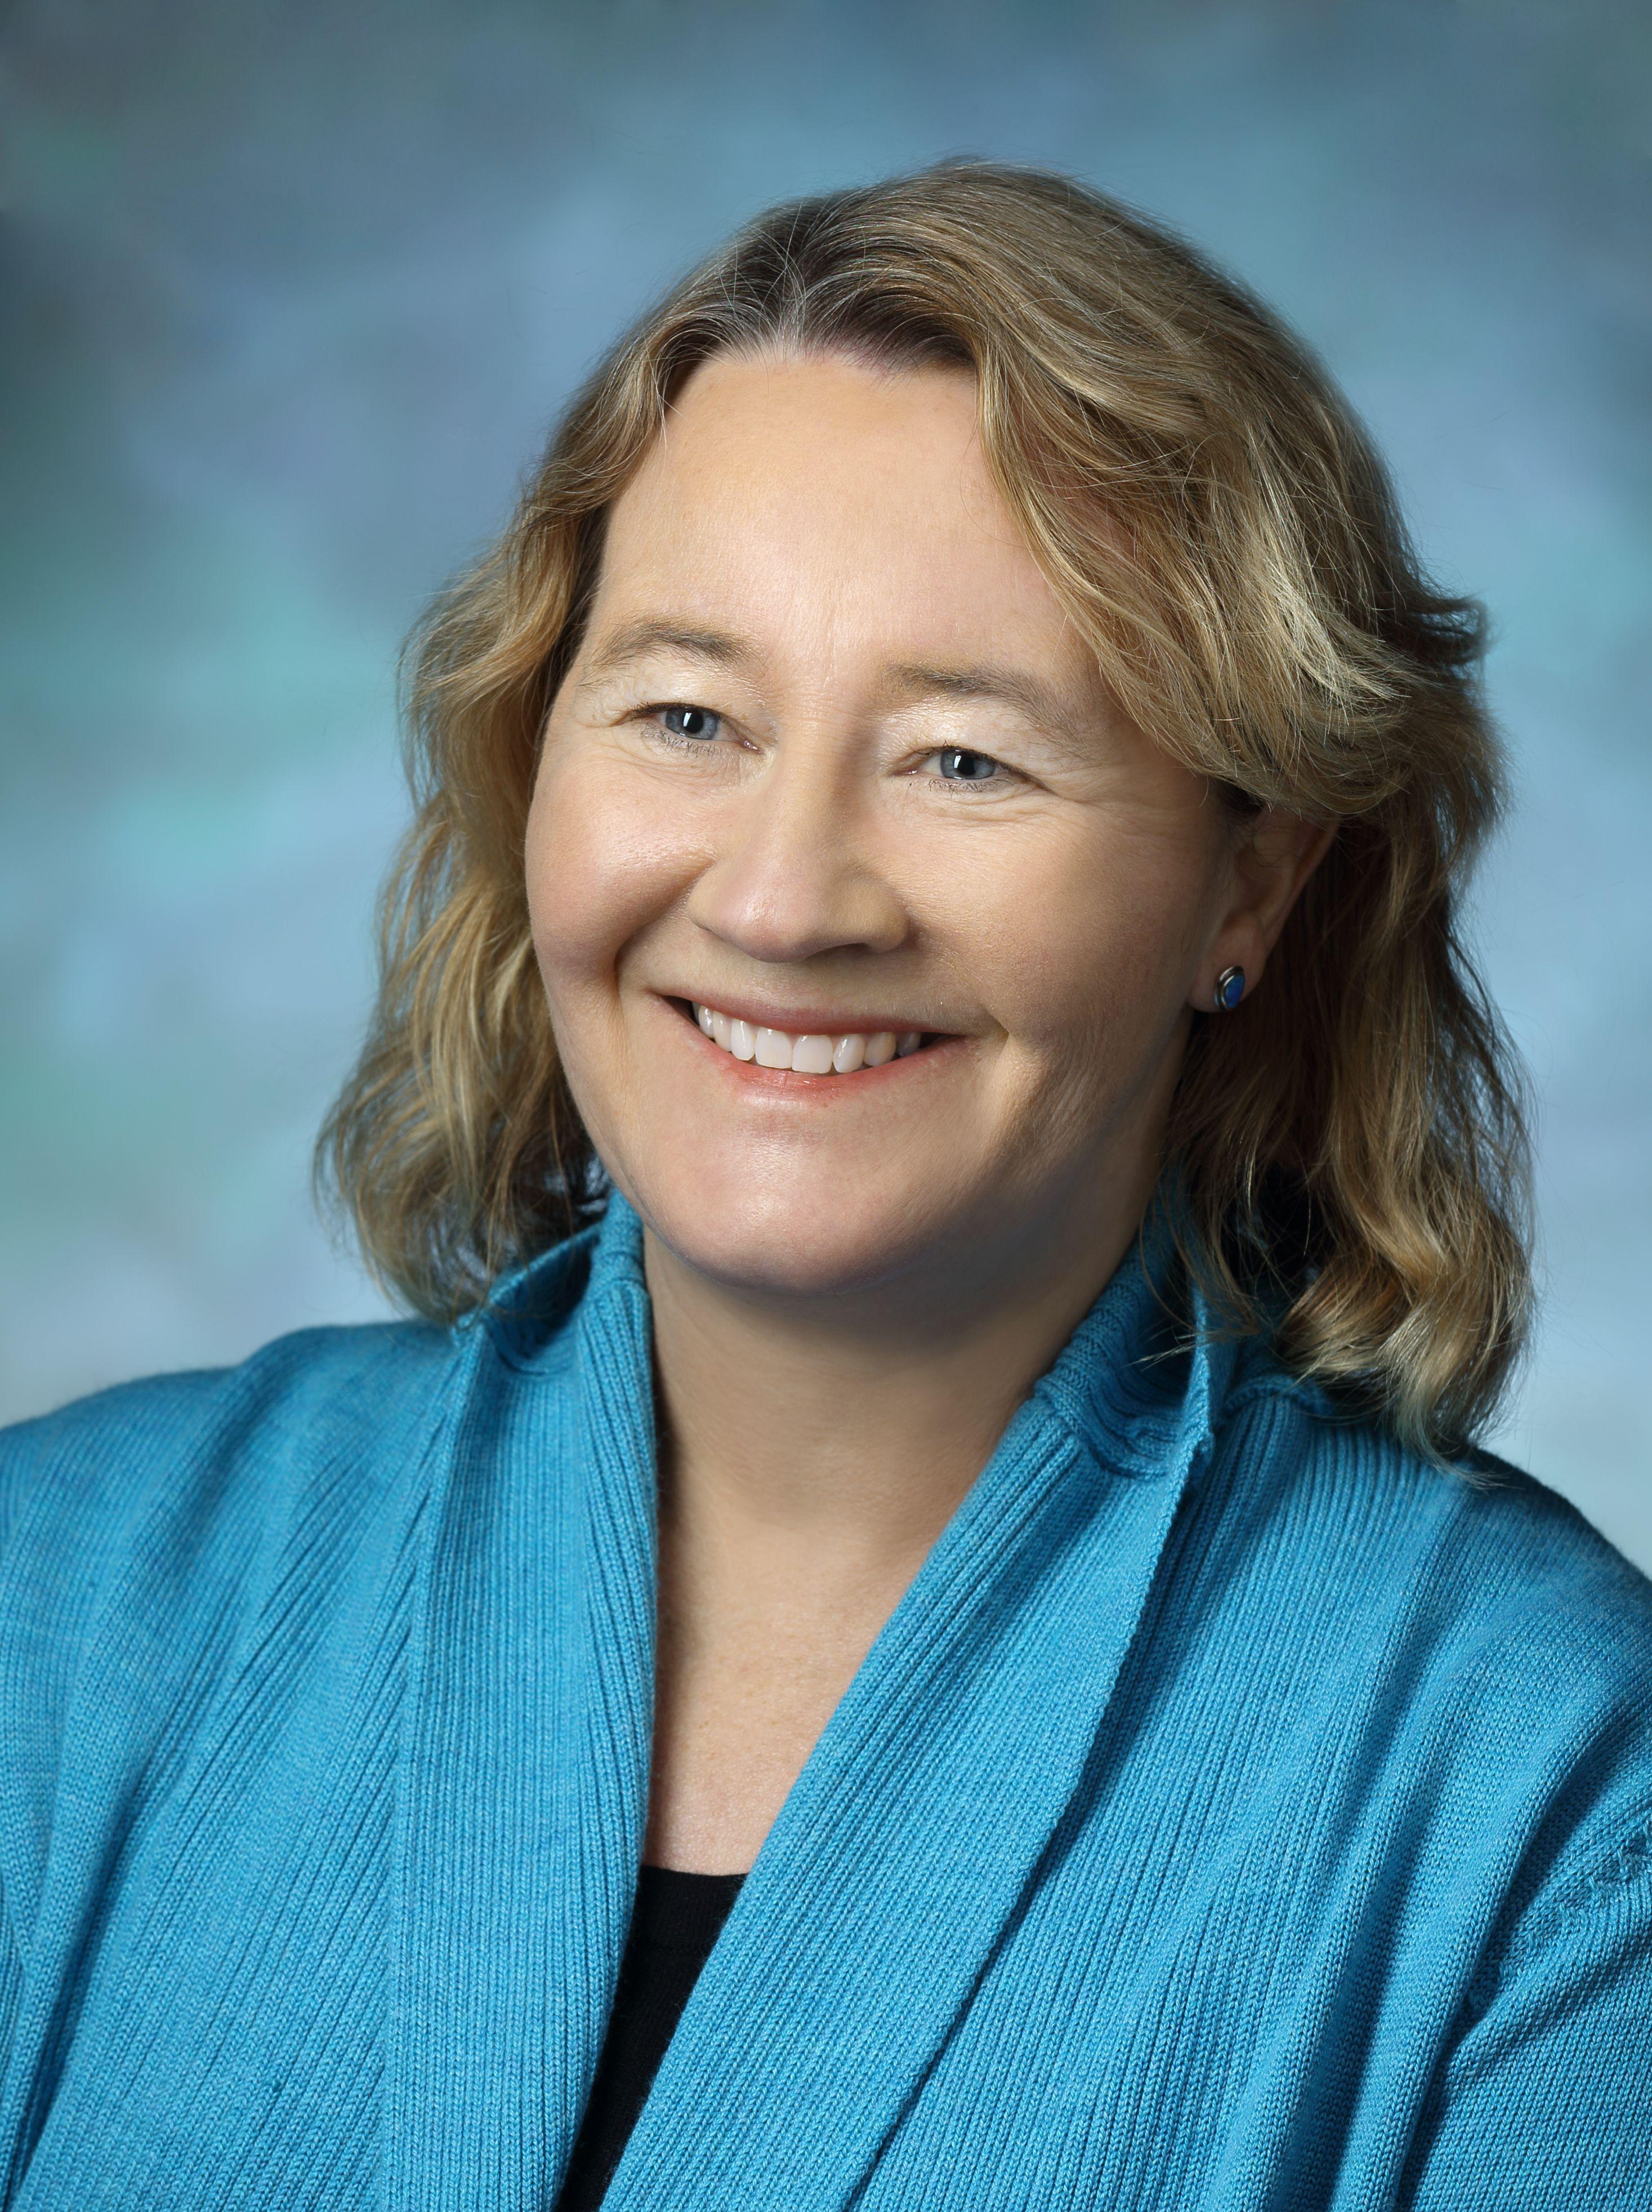 La doctora Carol Greider es Premio Nobel de Medicina 2009. Crédito: Wikipedia